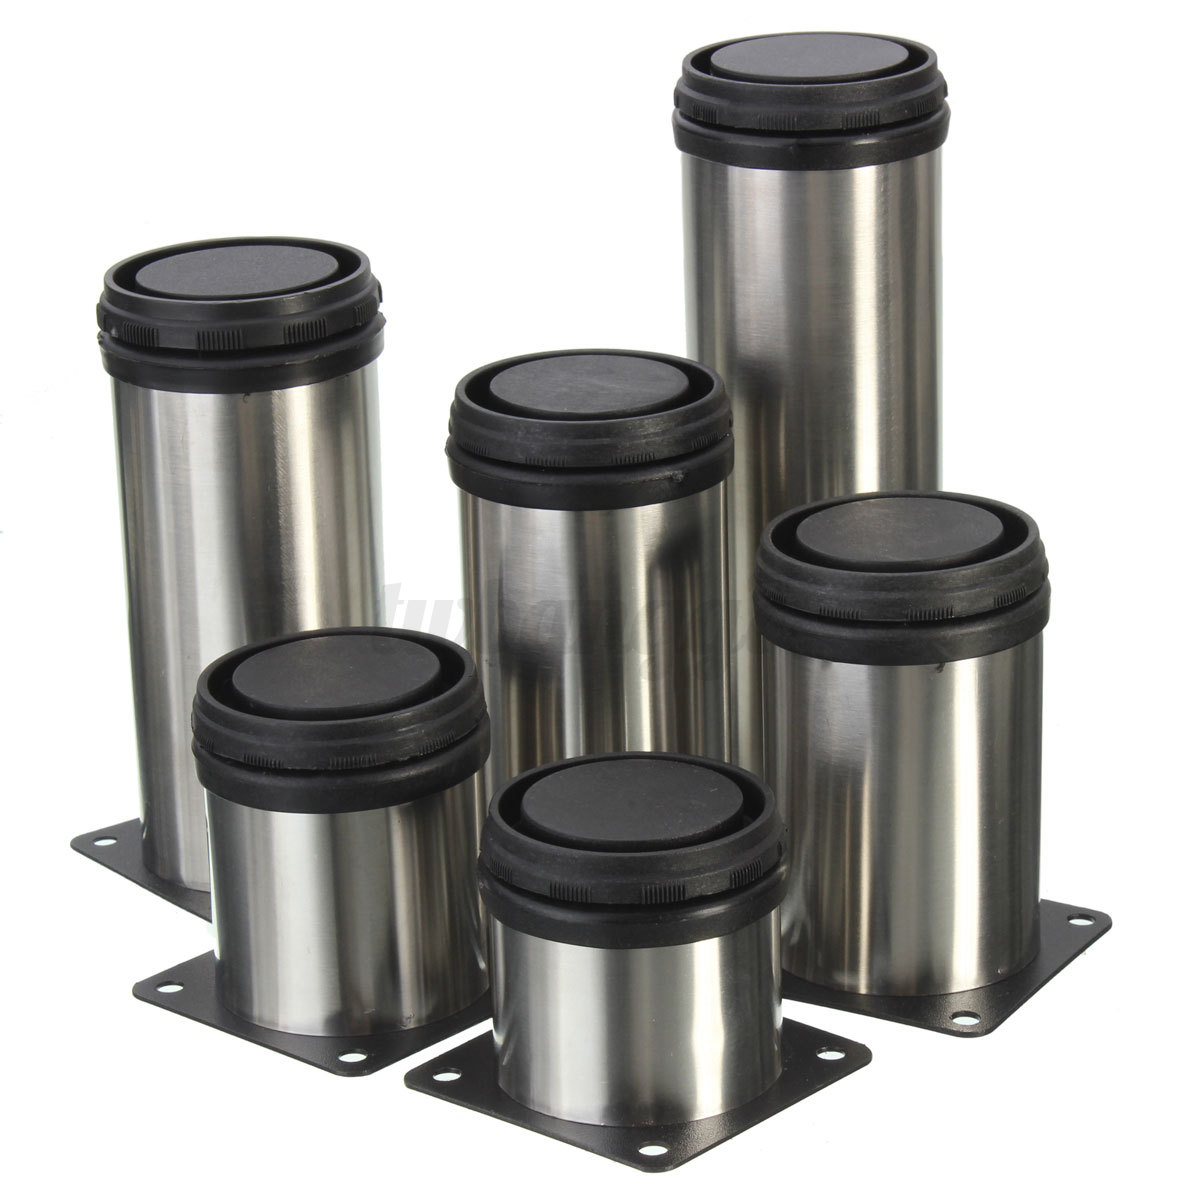 4x Adjustable Cabinet Plinth Legs Stainless Steel Kitchen Round Feet W Screws Us Ebay